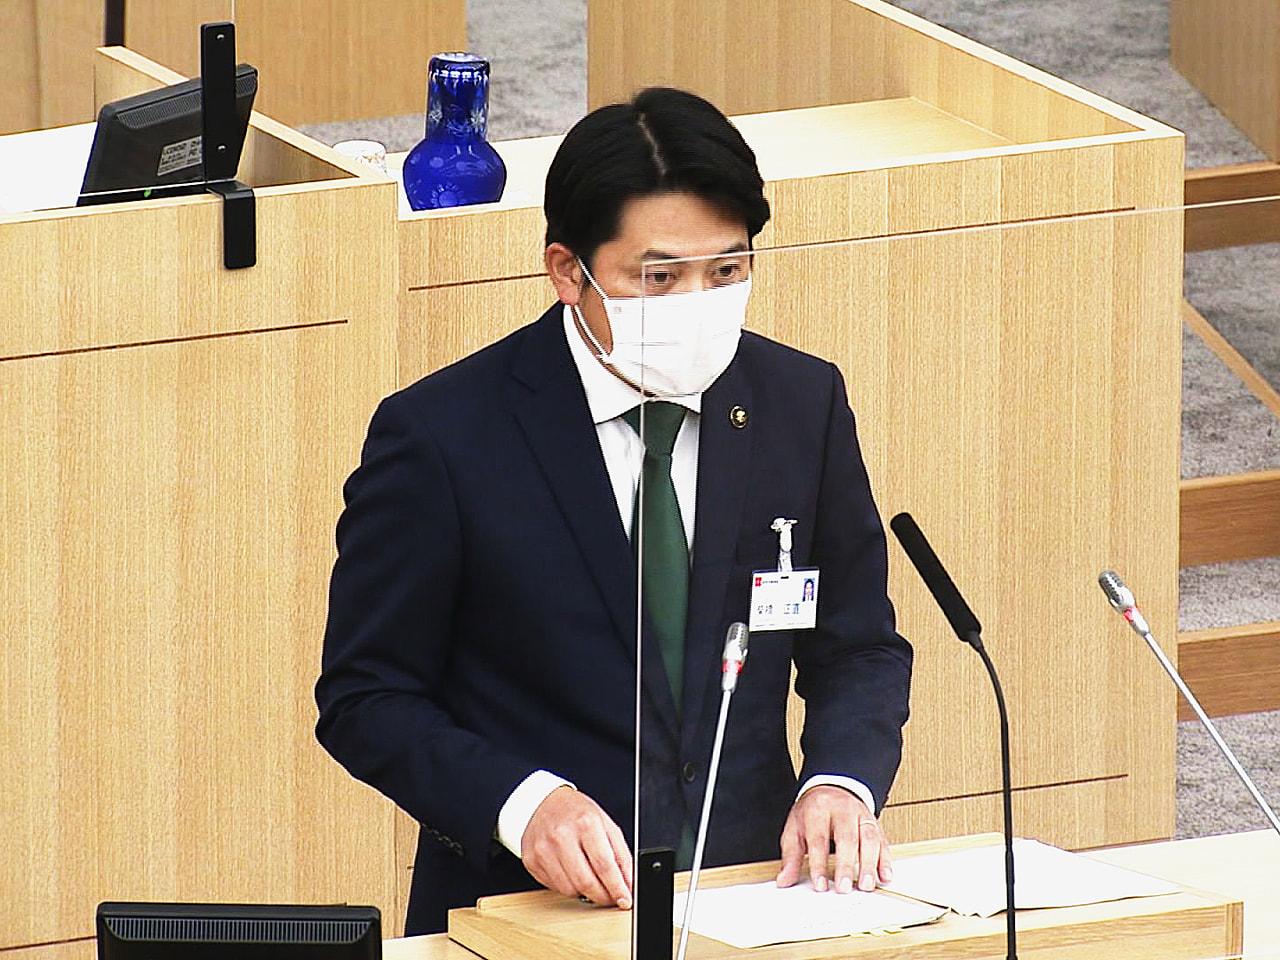 岐阜市の柴橋正直市長は13日、2022年2月の任期満了に伴う市長選挙に再選を目指...